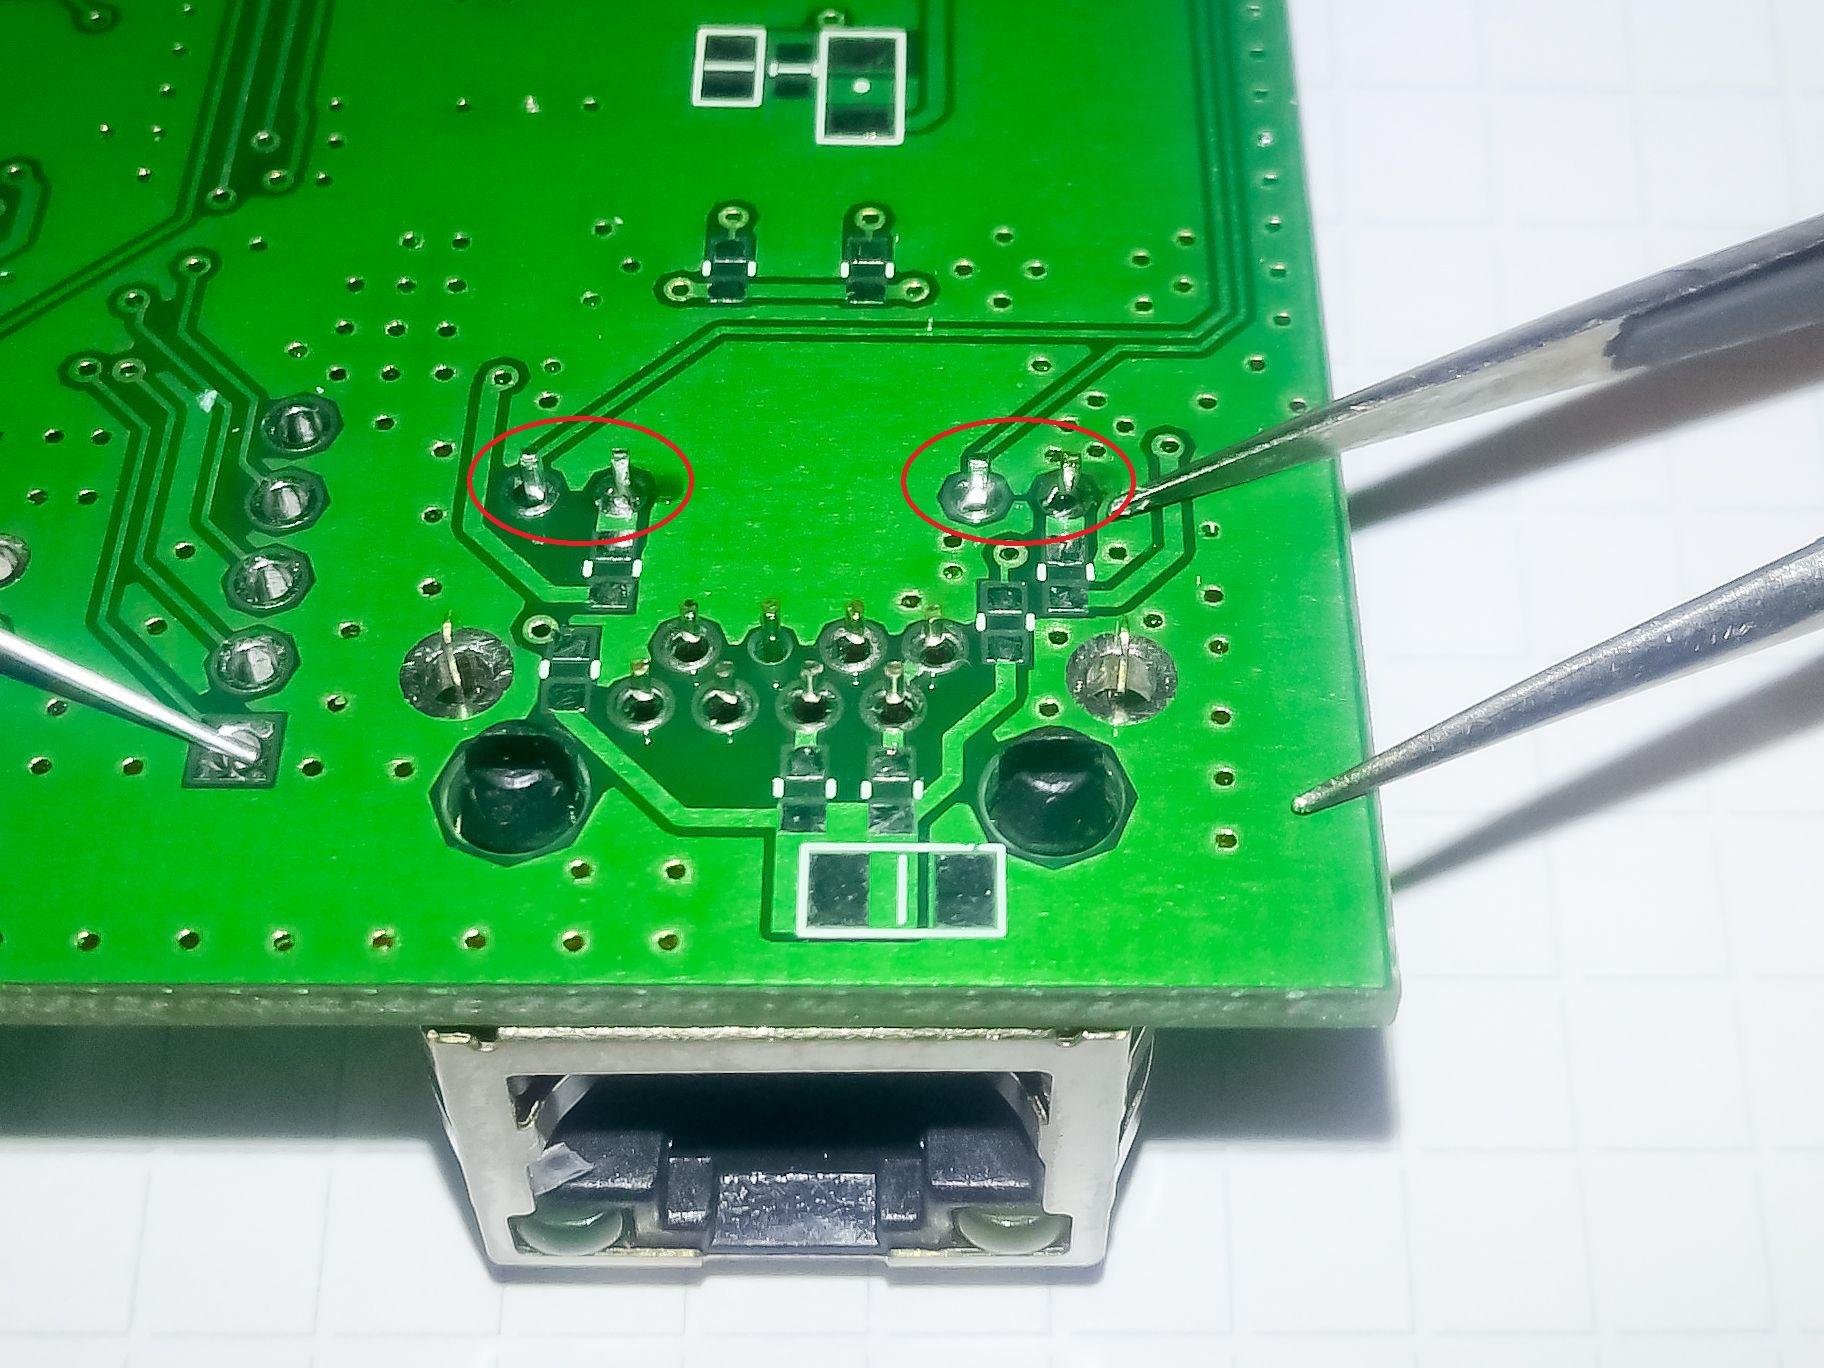 Ручной монтаж сложных плат на компонентах 0402, 0603, QFN, LQFP и THT - 16